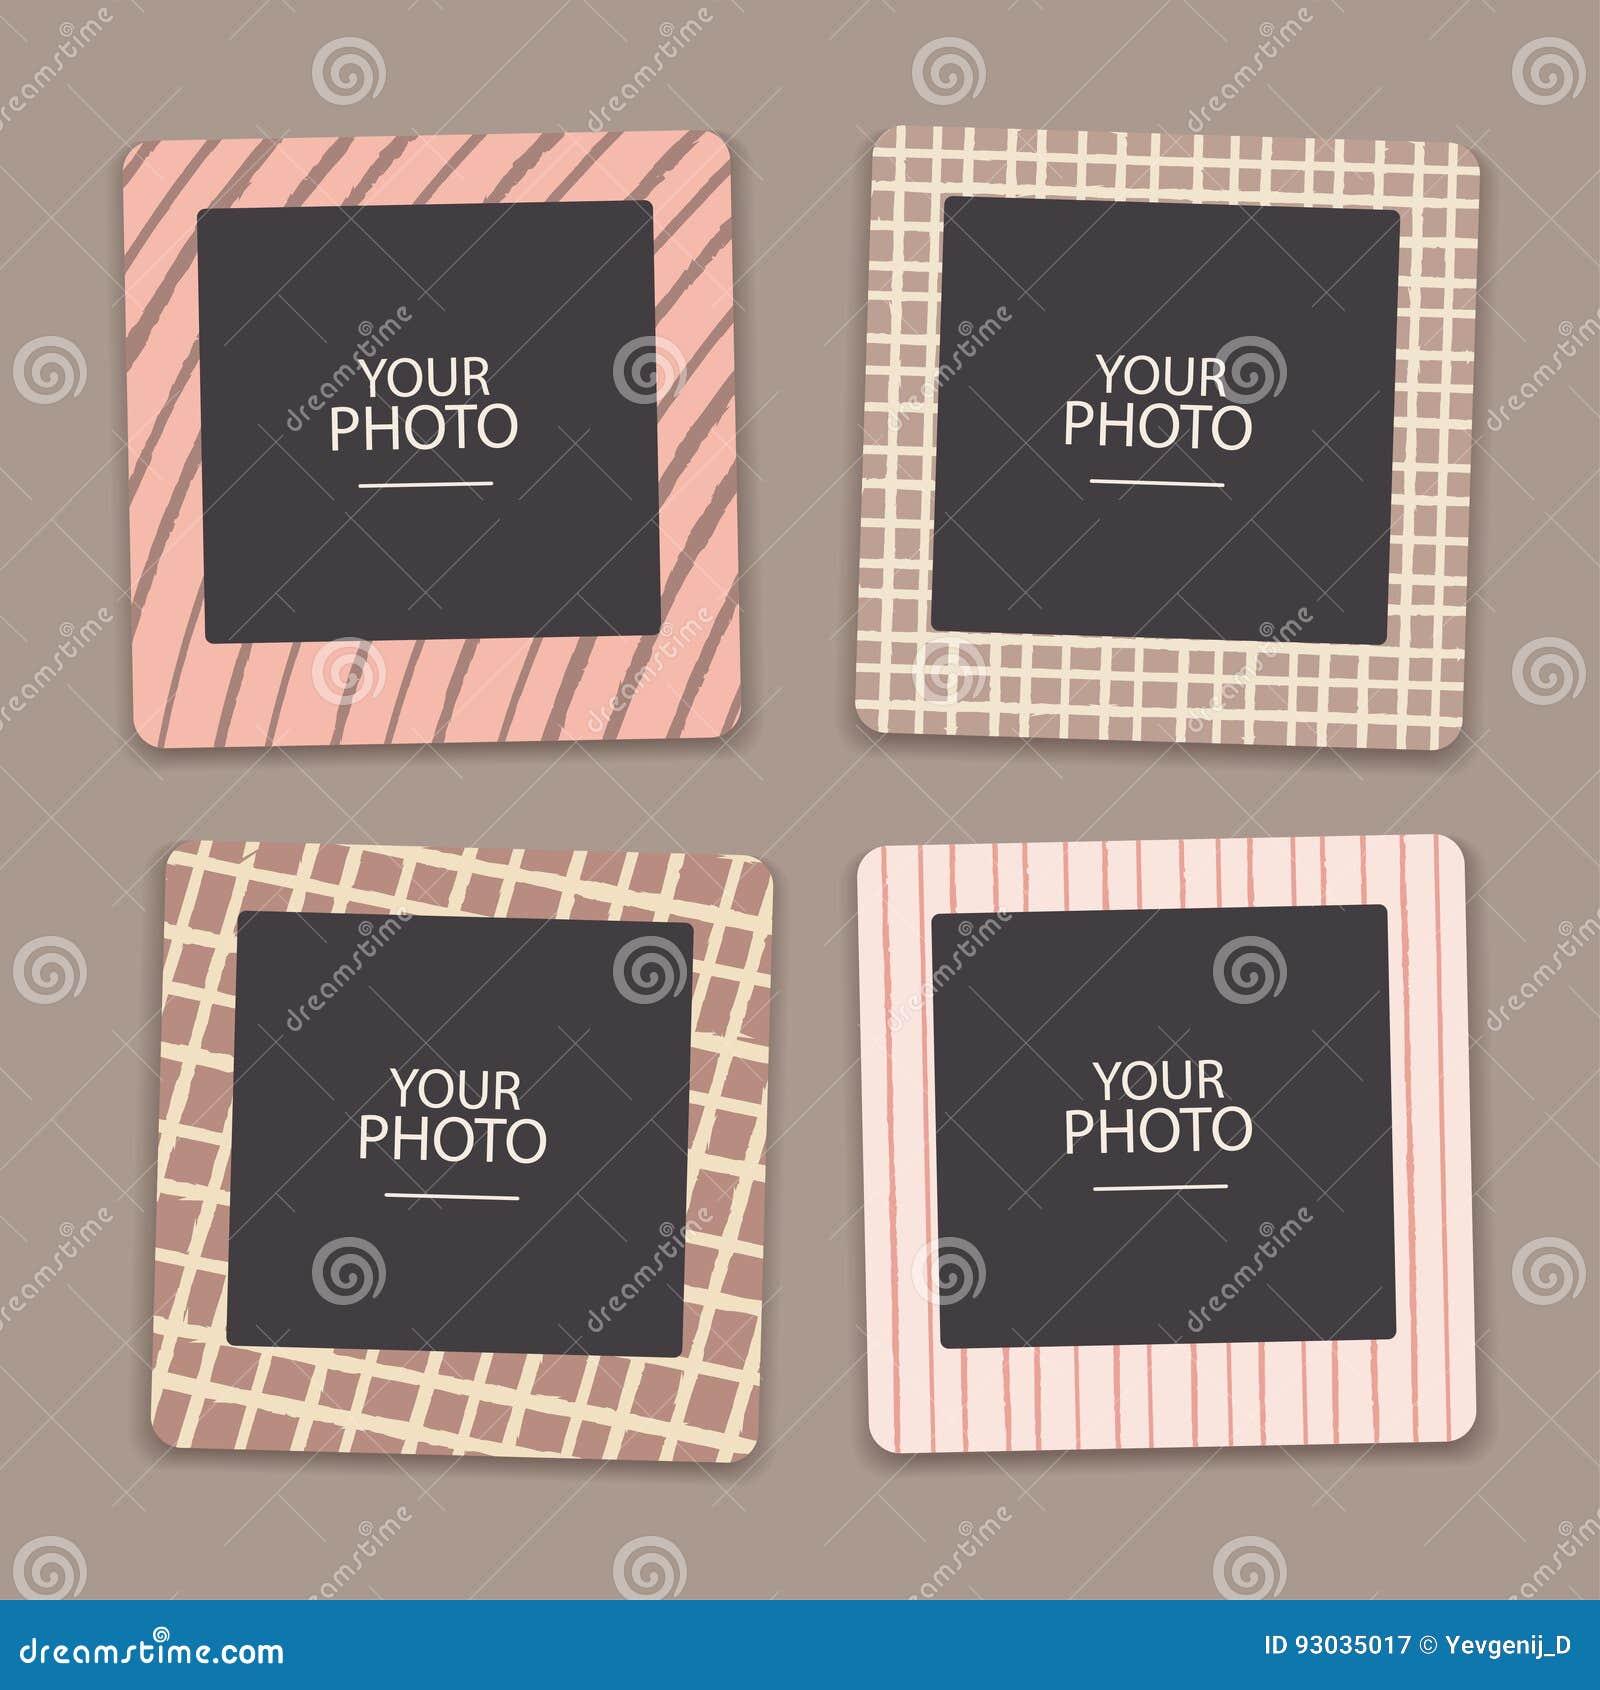 La foto del vintage enmarca el collage concepto de dise o - Diseno de fotos ...